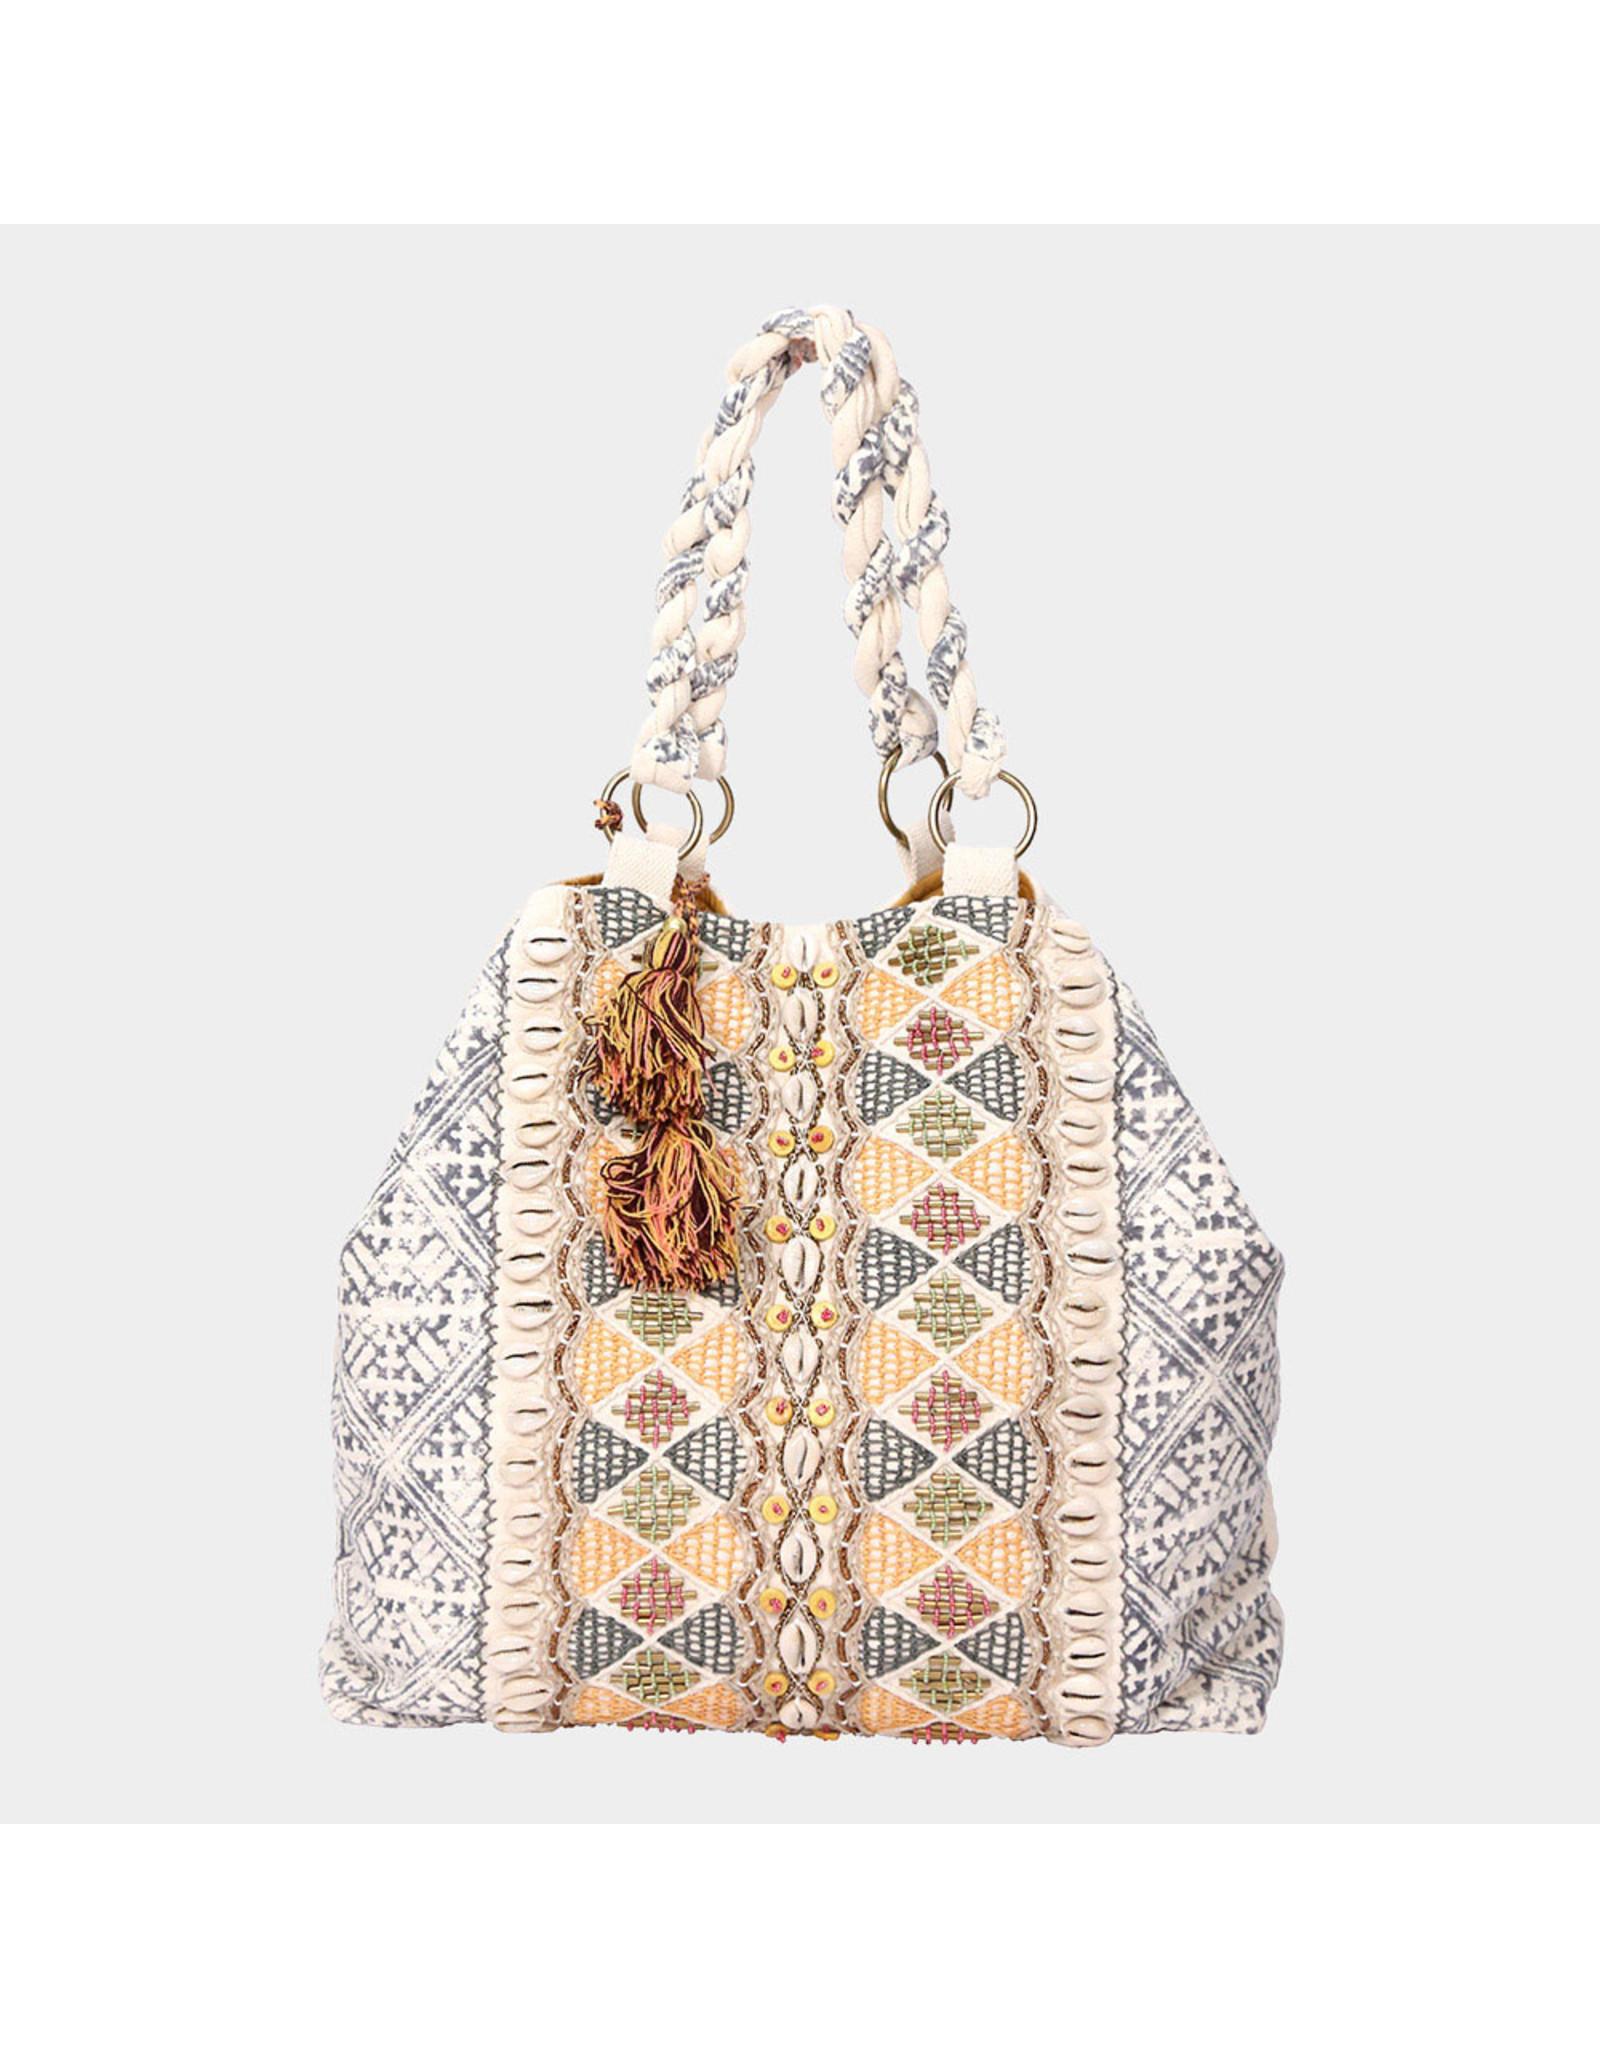 Bag with shells & beads